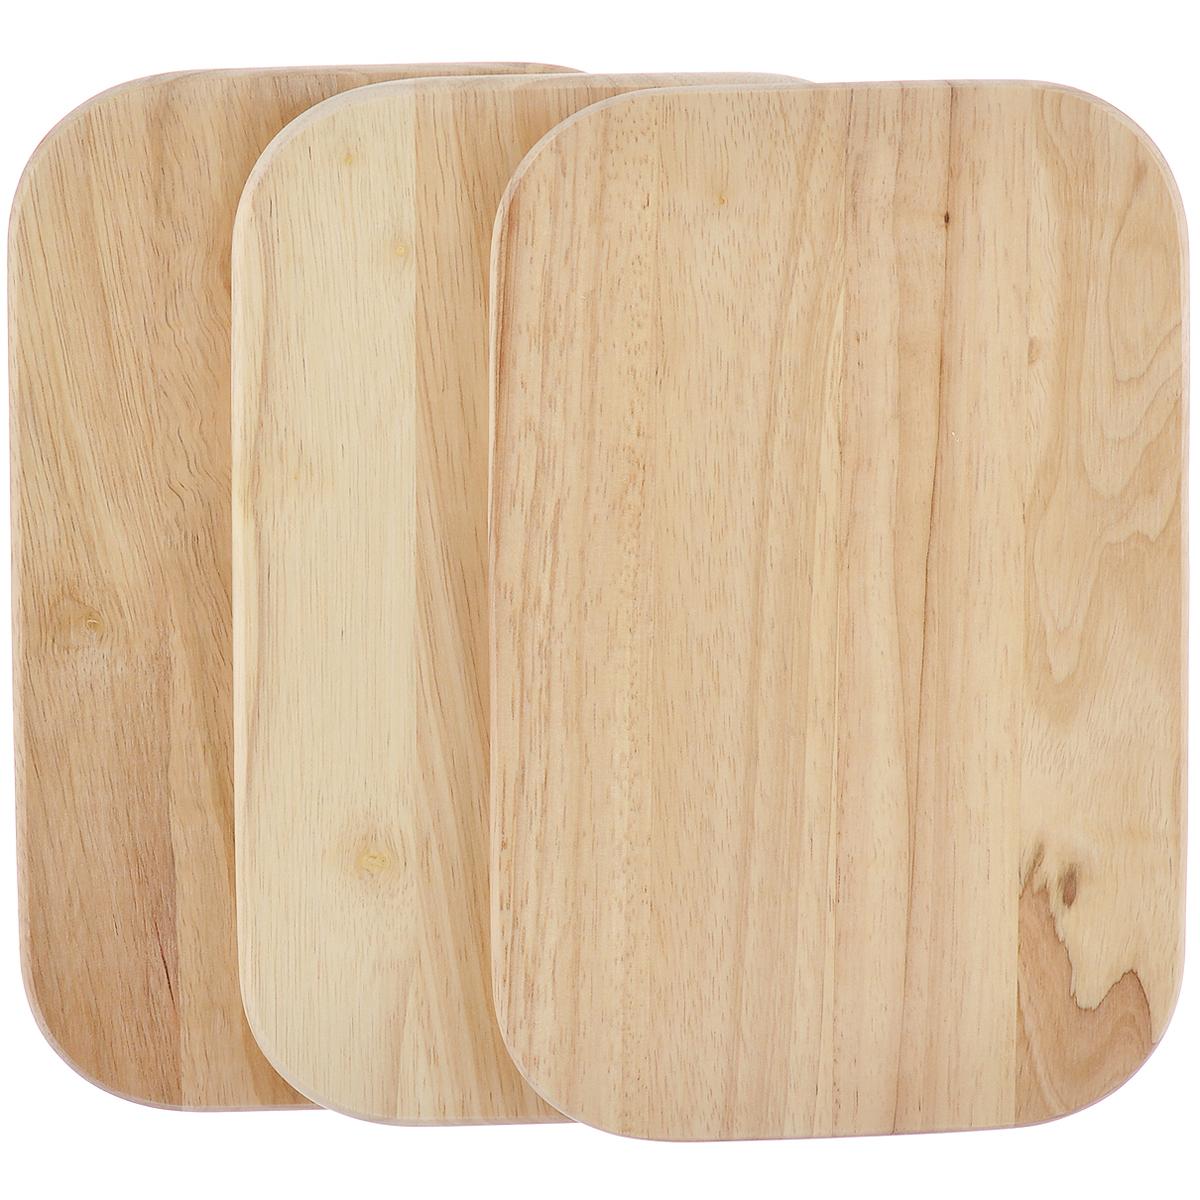 Доска разделочная Kesper, бамбуковая, цвет: светлое дерево, 15 см х 23 см х 1 см, 3 шт6400-3Небольшие разделочные доски Kesper изготовлены из высококачественной древесины бамбука, обладающей антибактериальными свойствами. Бамбук - инновационный материал, идеально подходящий для разделочных досок. Доски из бамбука обладают высокой плотностью структуры древесины, а также устойчивы к механическим воздействиям. Функциональные и простые в использовании, разделочные доски Kesper прекрасно впишутся в интерьер любой кухни и прослужат вам долгие годы. Размер доски: 15 см х 23 см х 1 см.